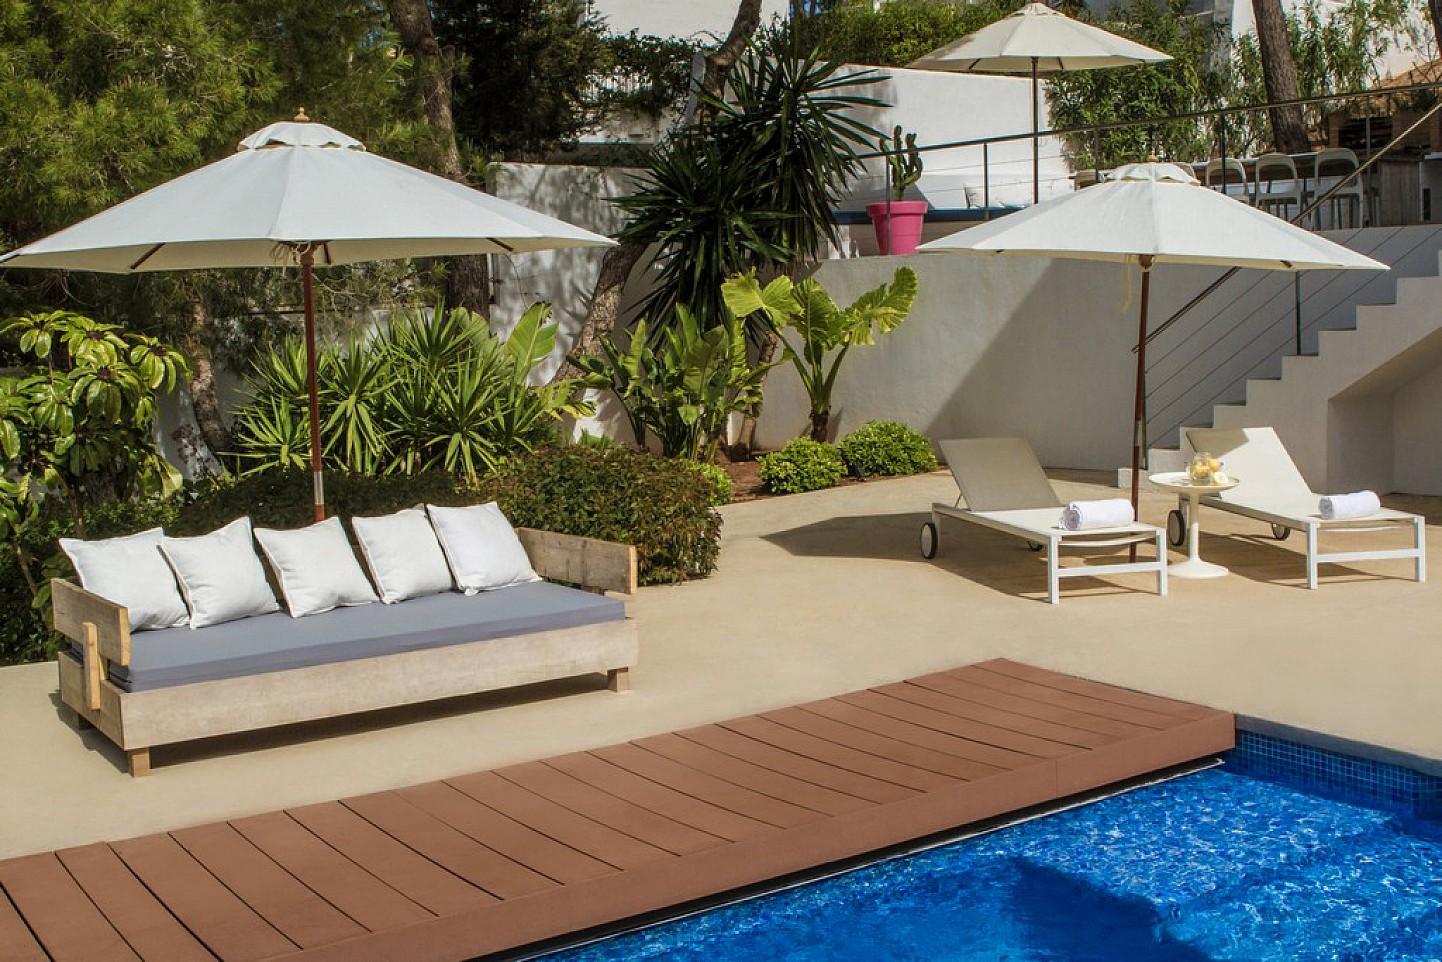 Vistas de exclusiva villa con fantasticas vistas en alquiler, Ibiza